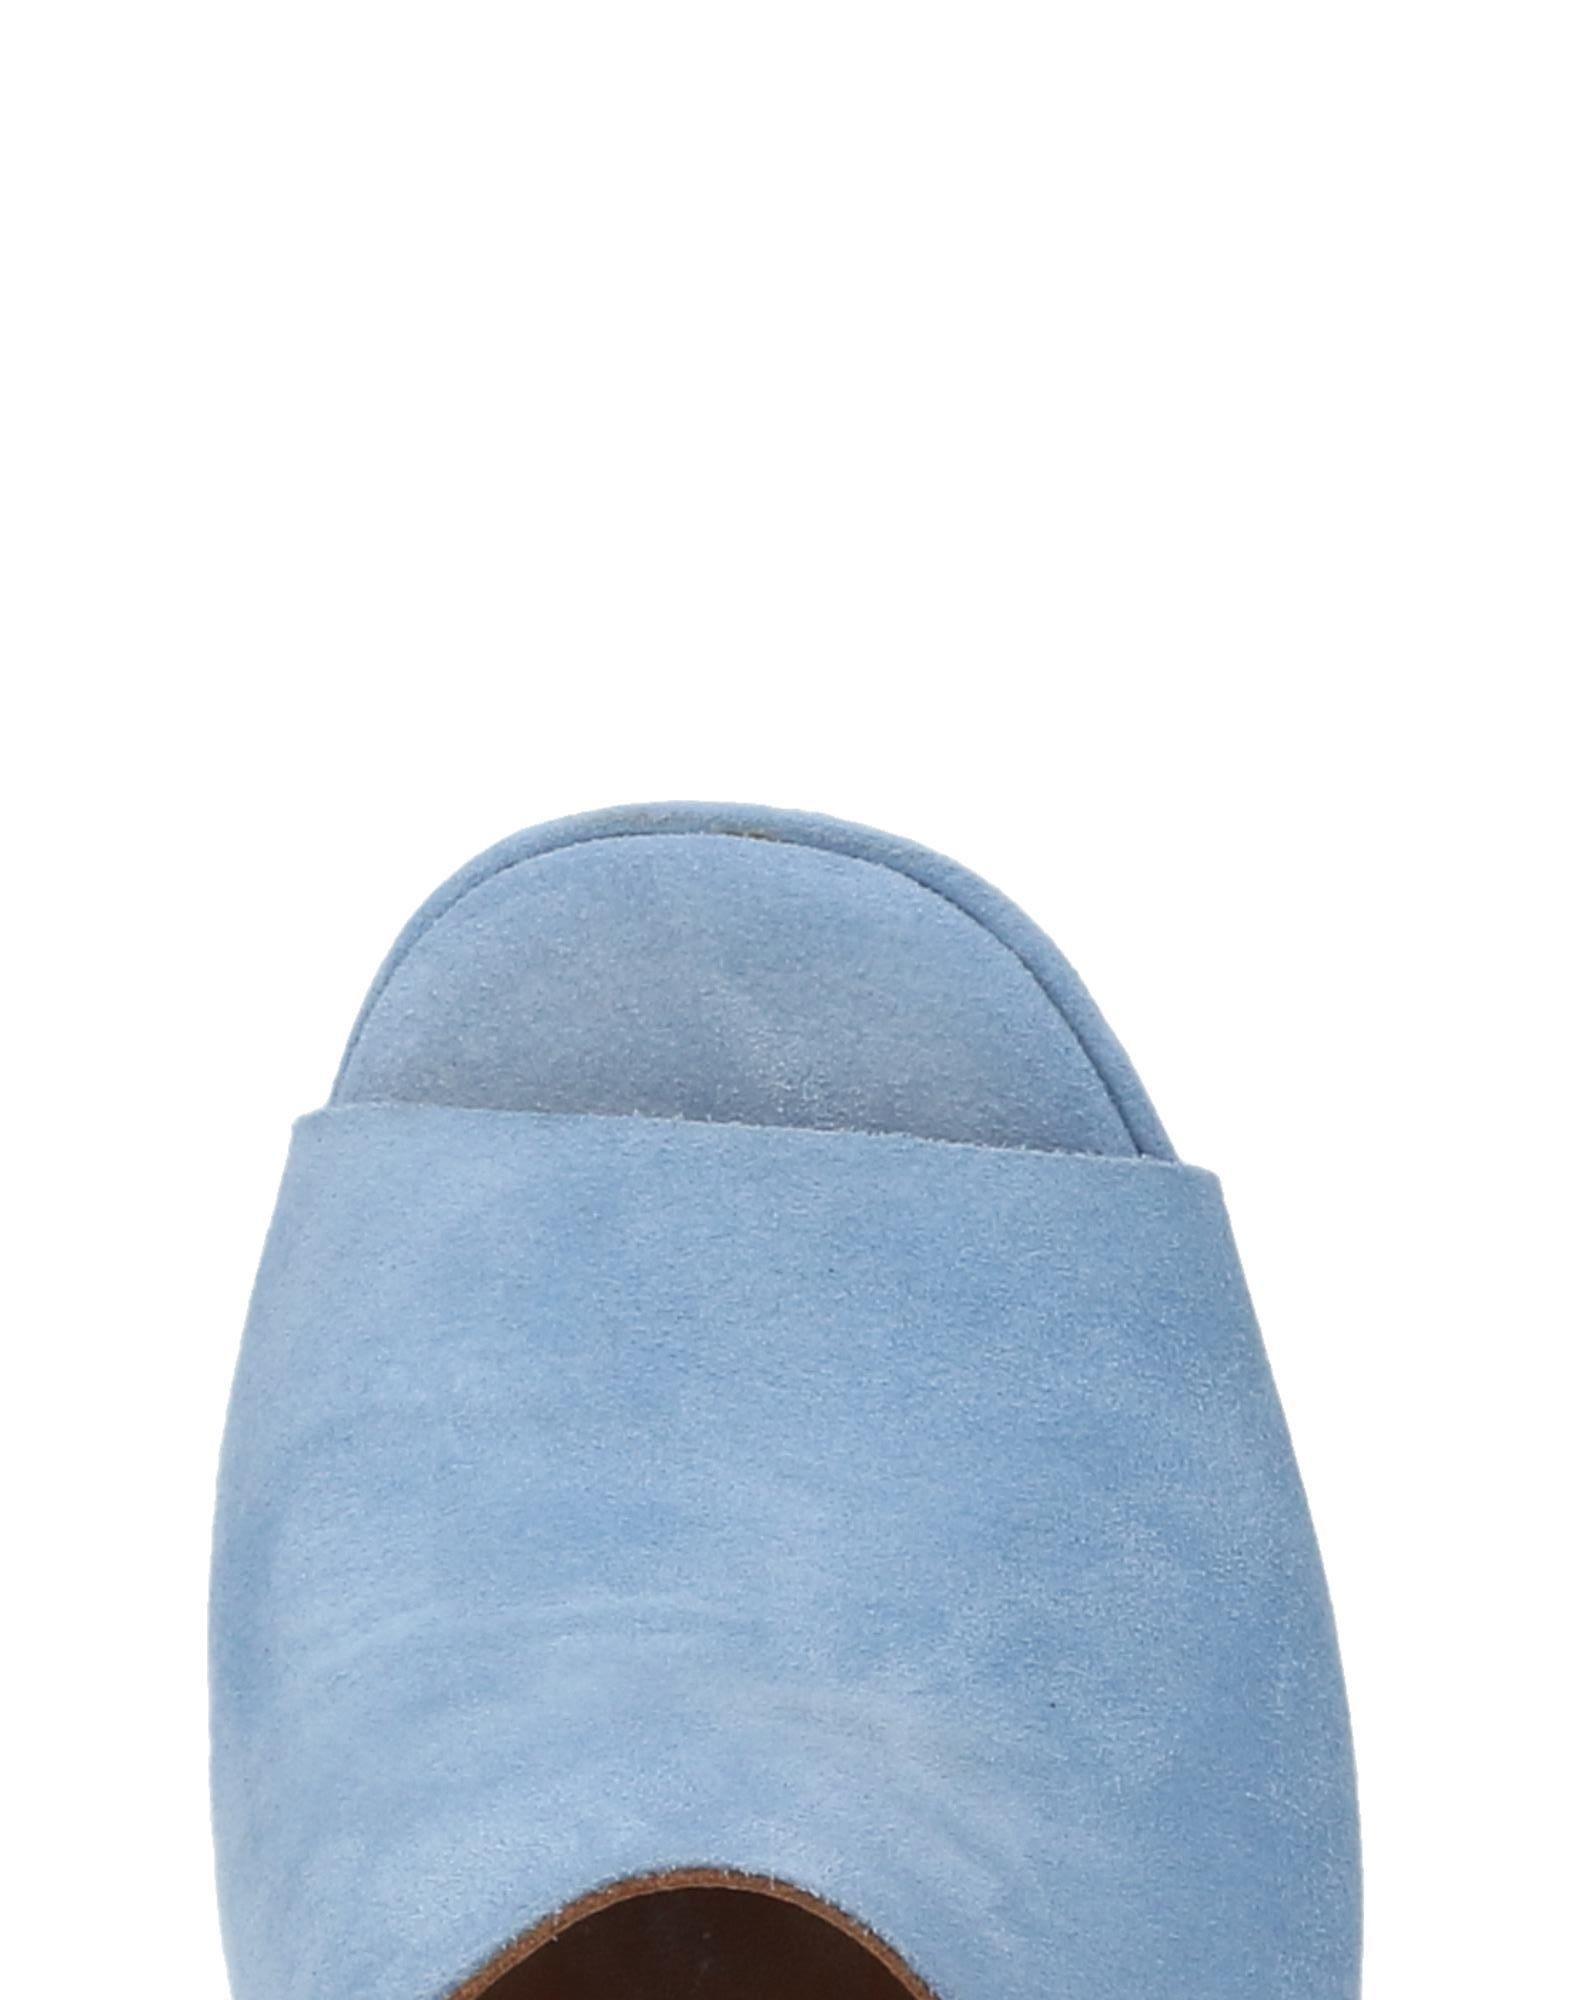 Les Sandalen Étoiles Lucques Sandalen Les Damen  11473487RH Gute Qualität beliebte Schuhe cf775f